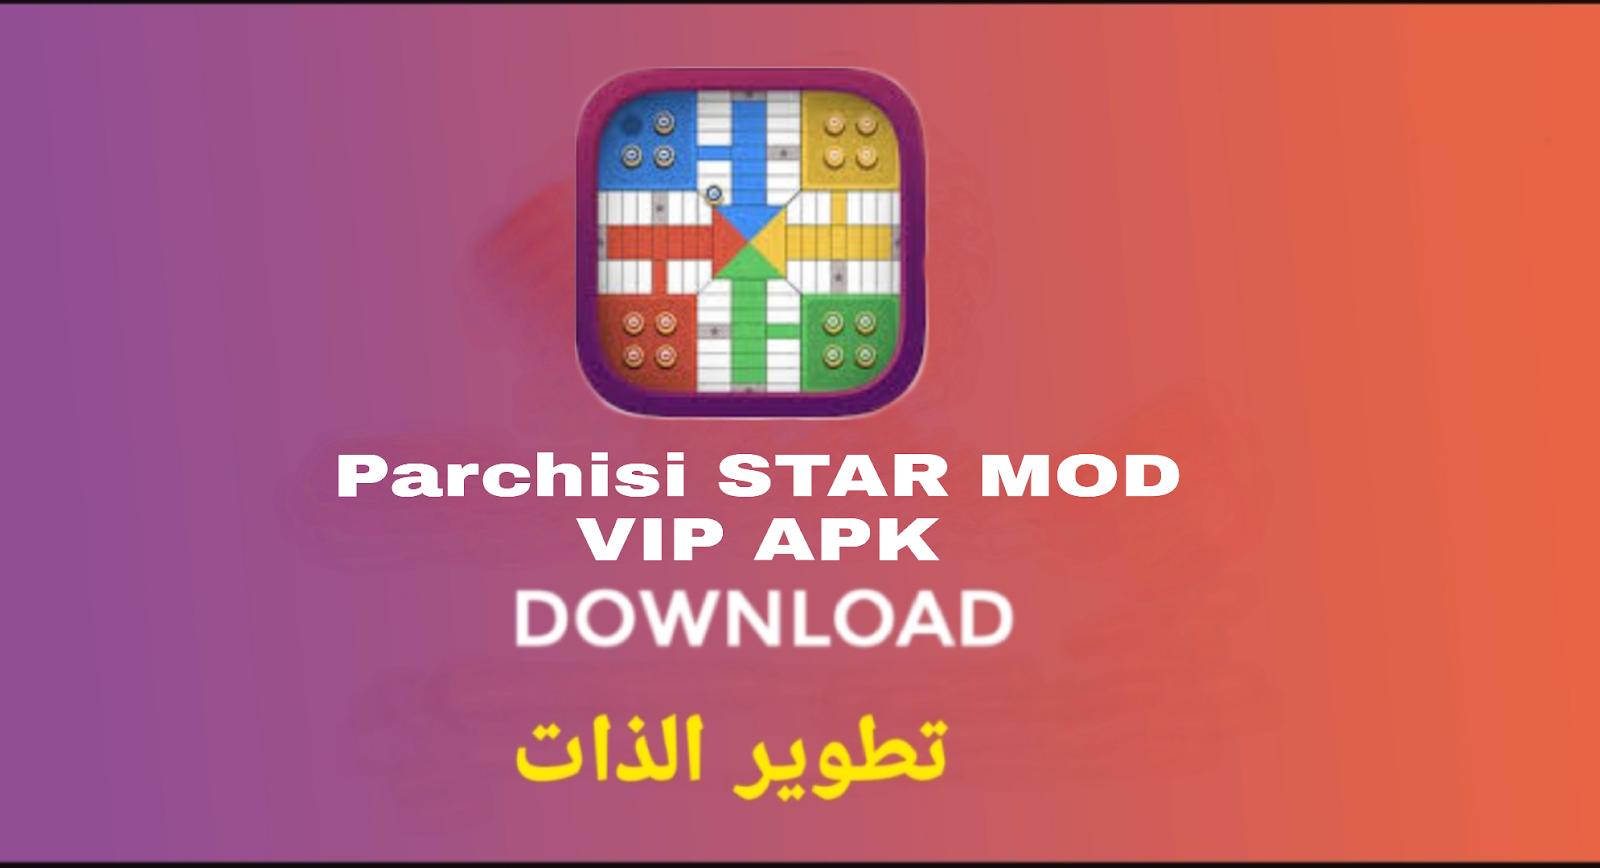 تحميل Parchisi Star Vip Mod Apk وصف لـ Parchisi Star Mod Apk في الطفولة كان لعب البارشيسي نشاط ا مثير ا للغاية بعد المدرسة أو لمجرد ال In 2021 Vip Mod Stars